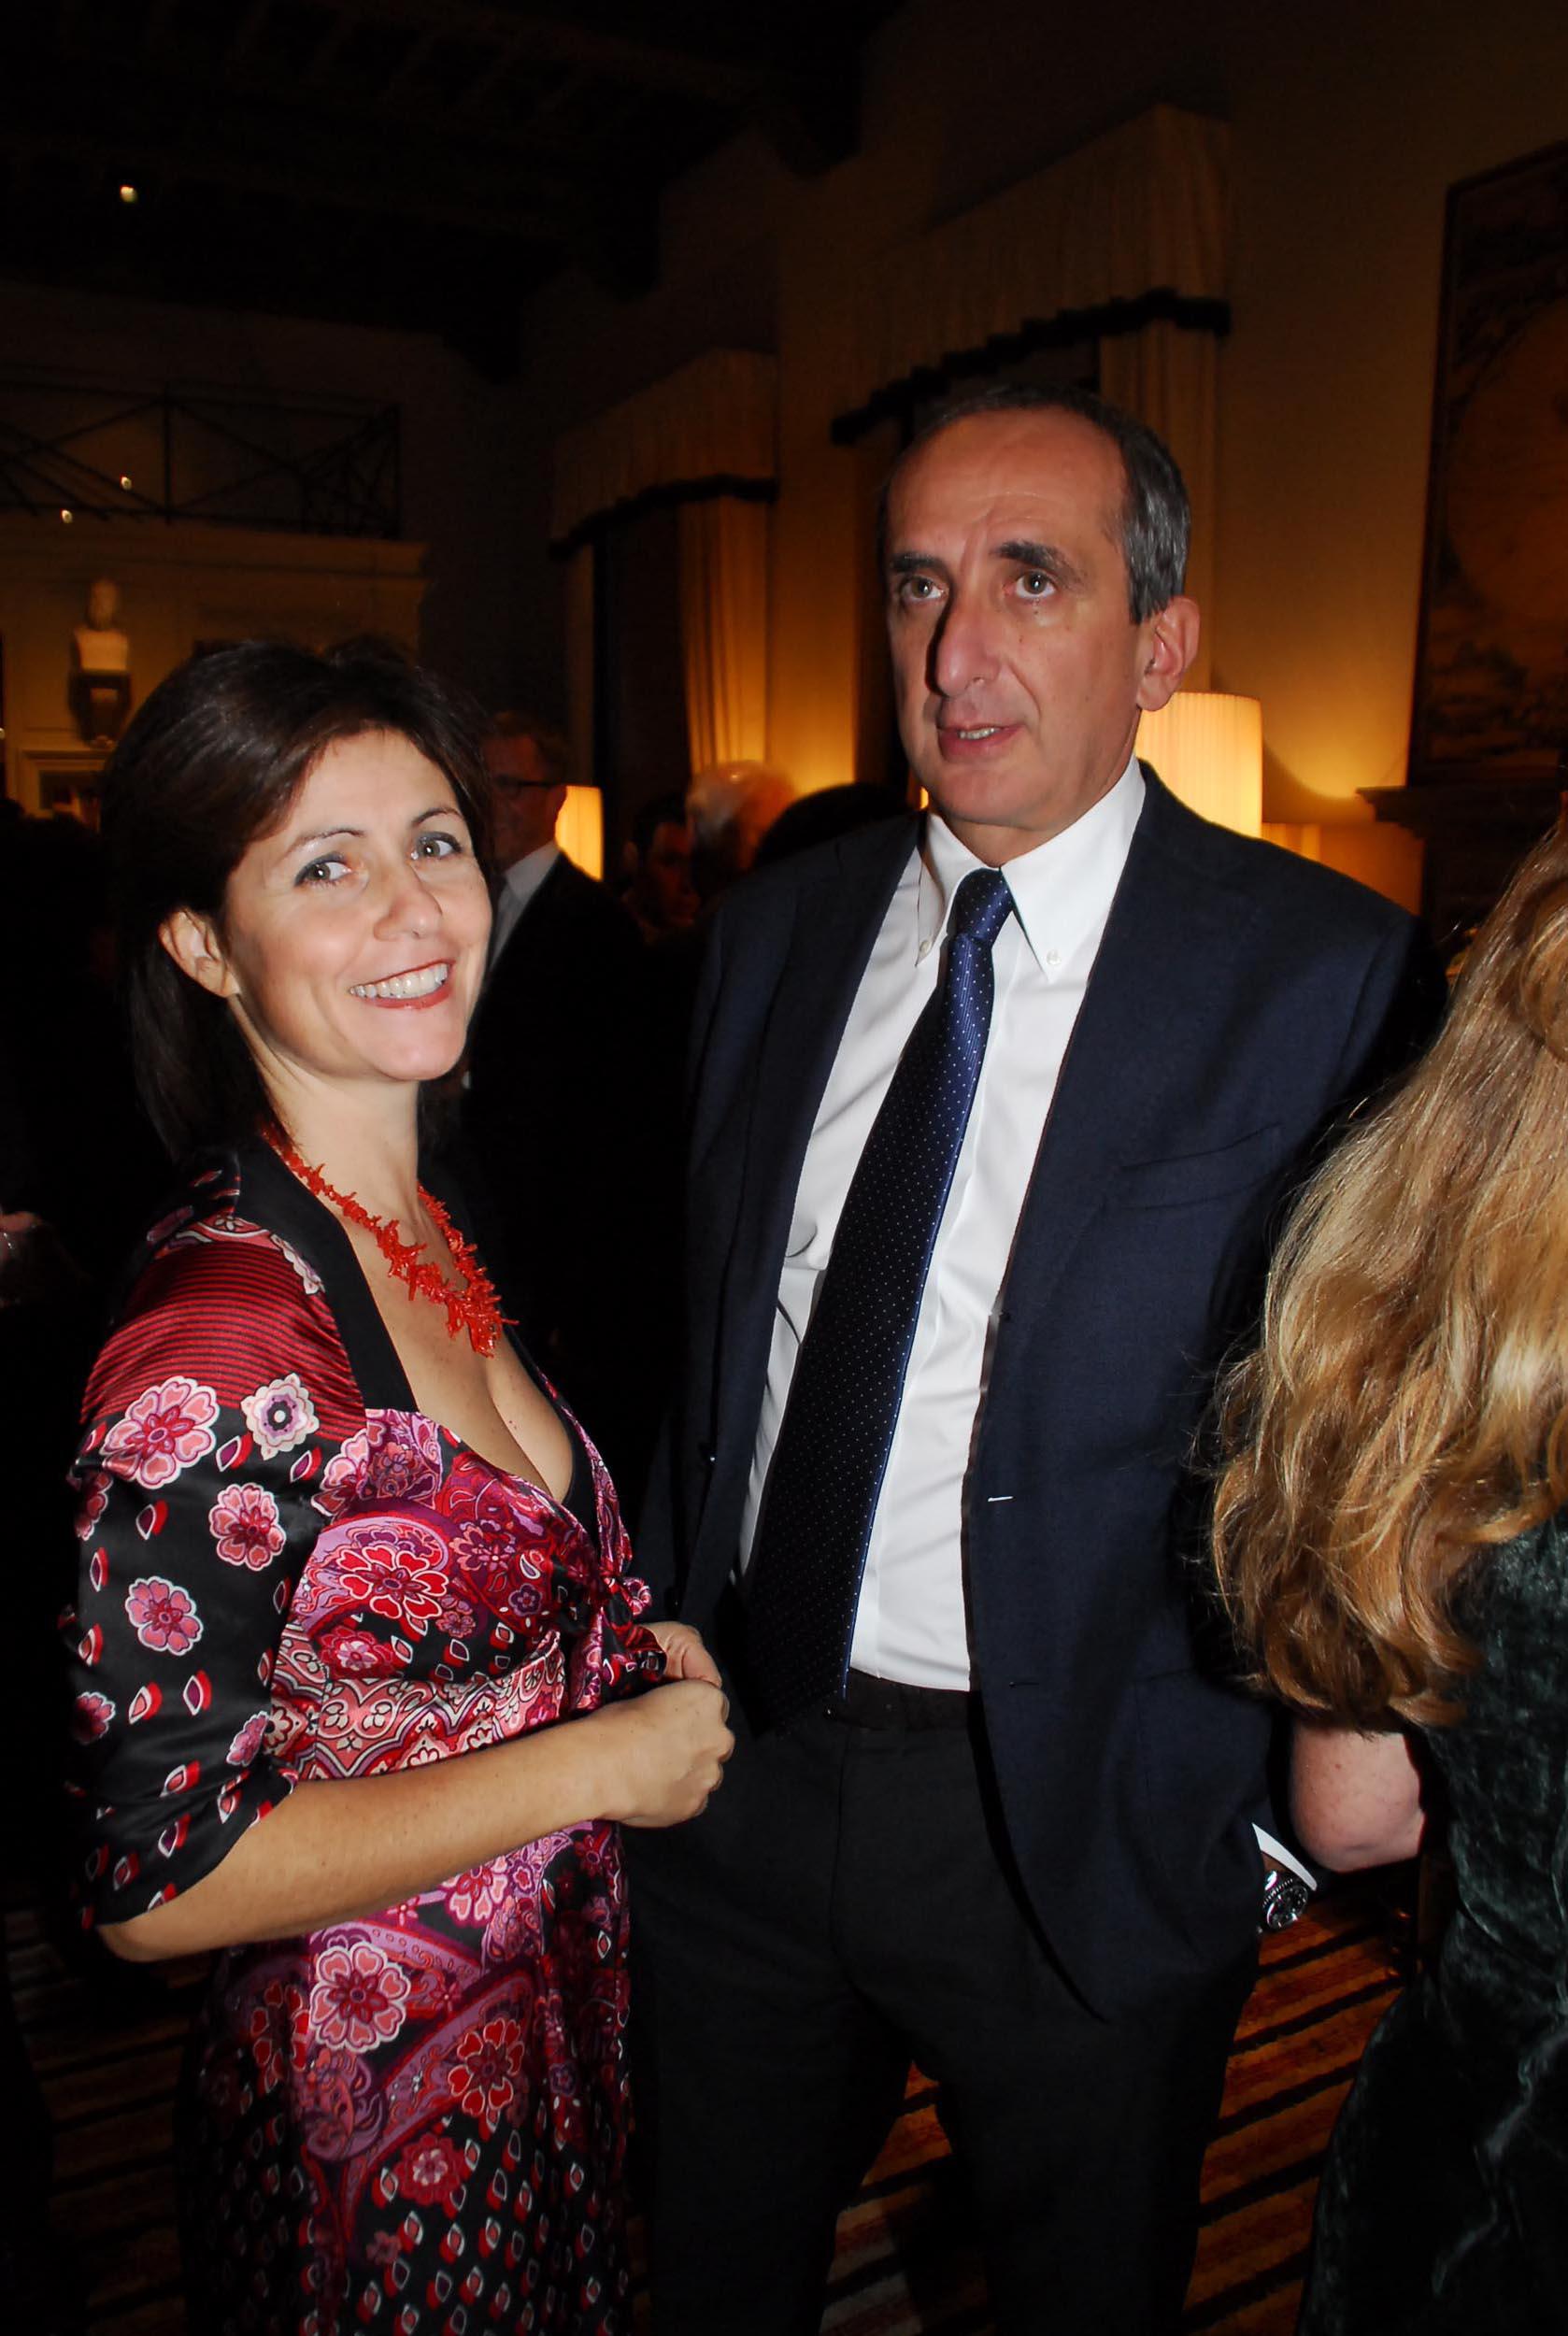 PRESSPHOTO Firenze, Cinema Odeon, Renzi assegna il Fiorino d'oro a Charles Aznavour, segue cena di gala a Palazzo Tornabuoni. In foto Giorgio Van Straten